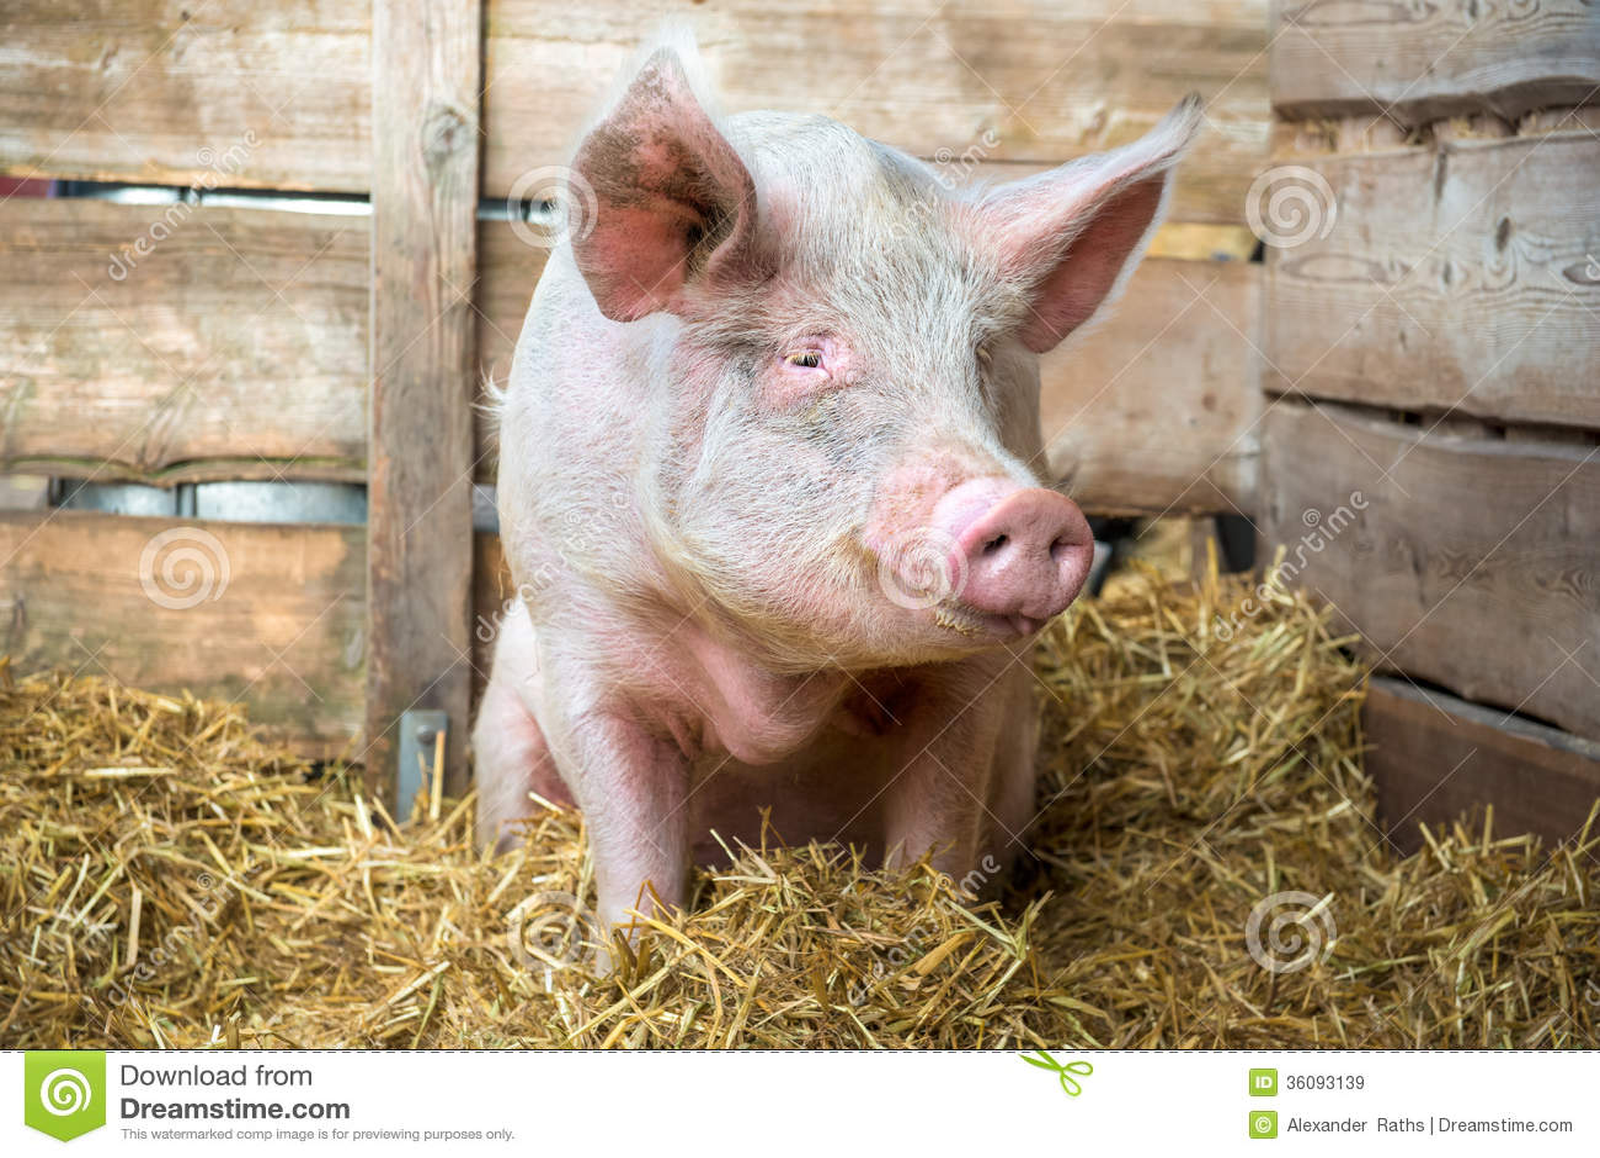 Свинья на сене и соломе